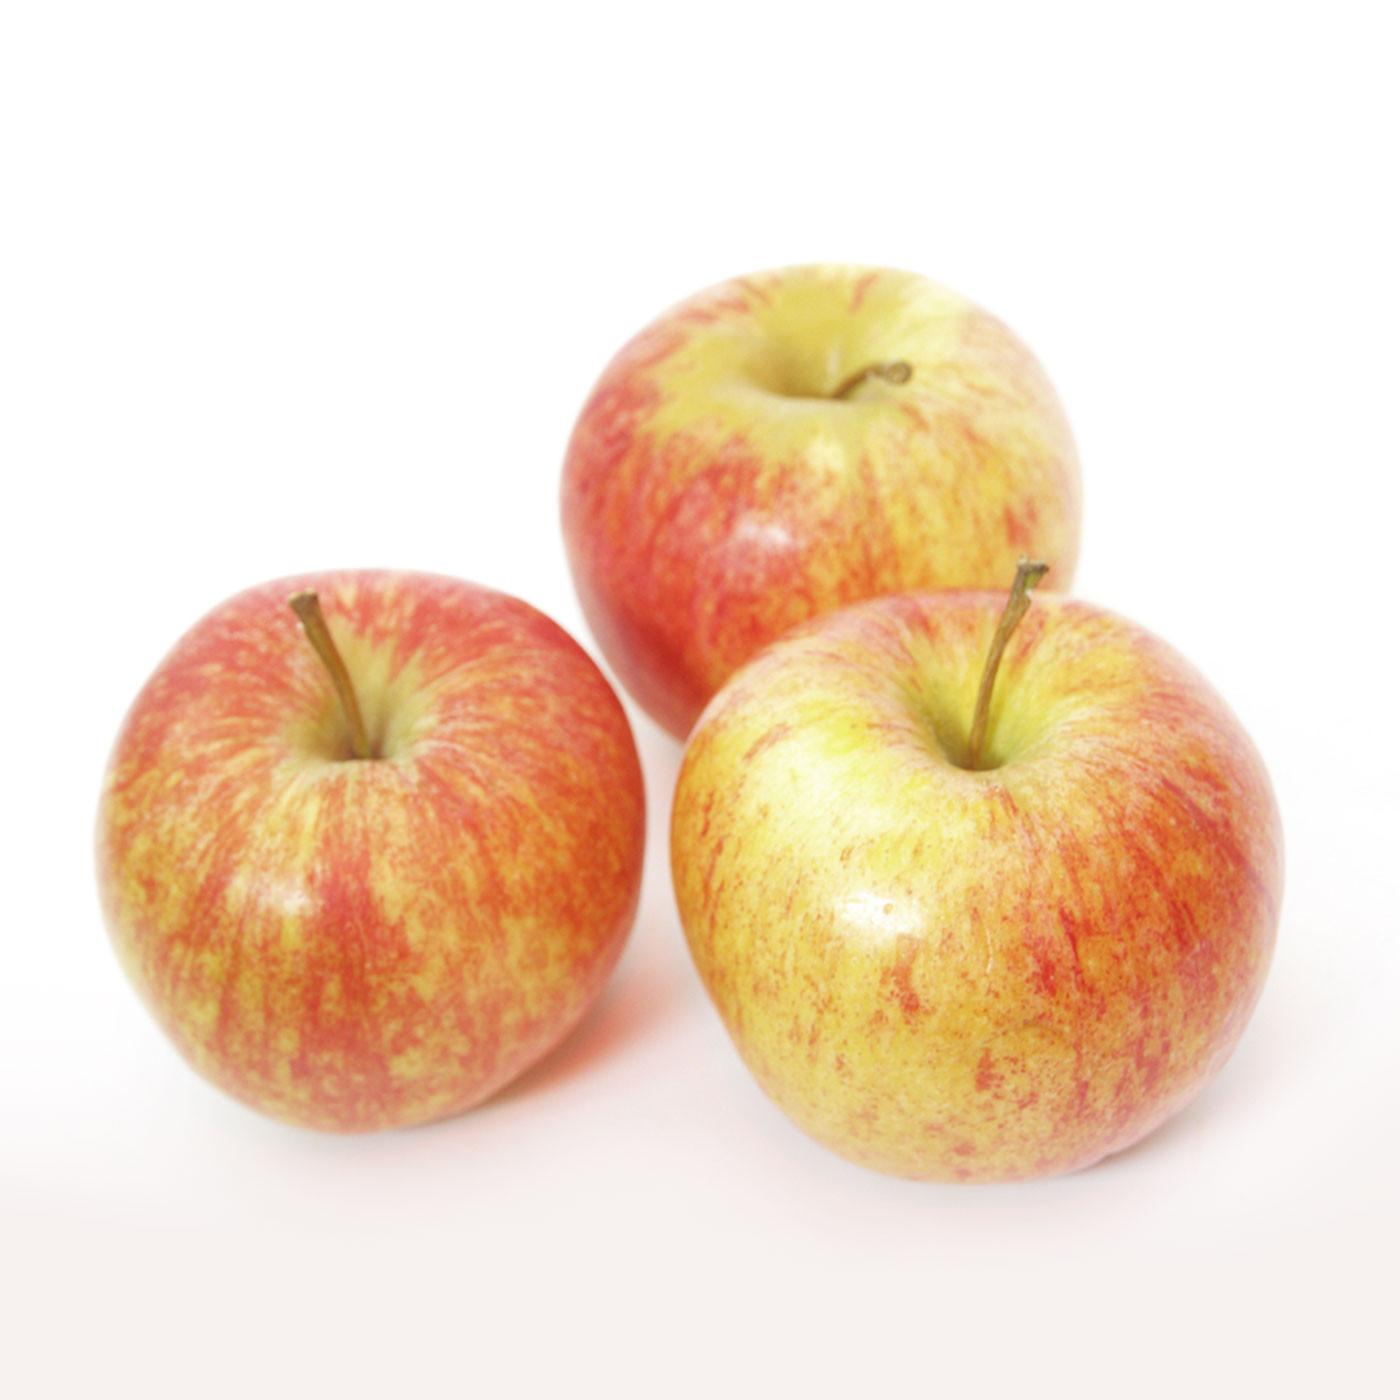 Μήλα Τζόνα Γκολ Πολωνιας